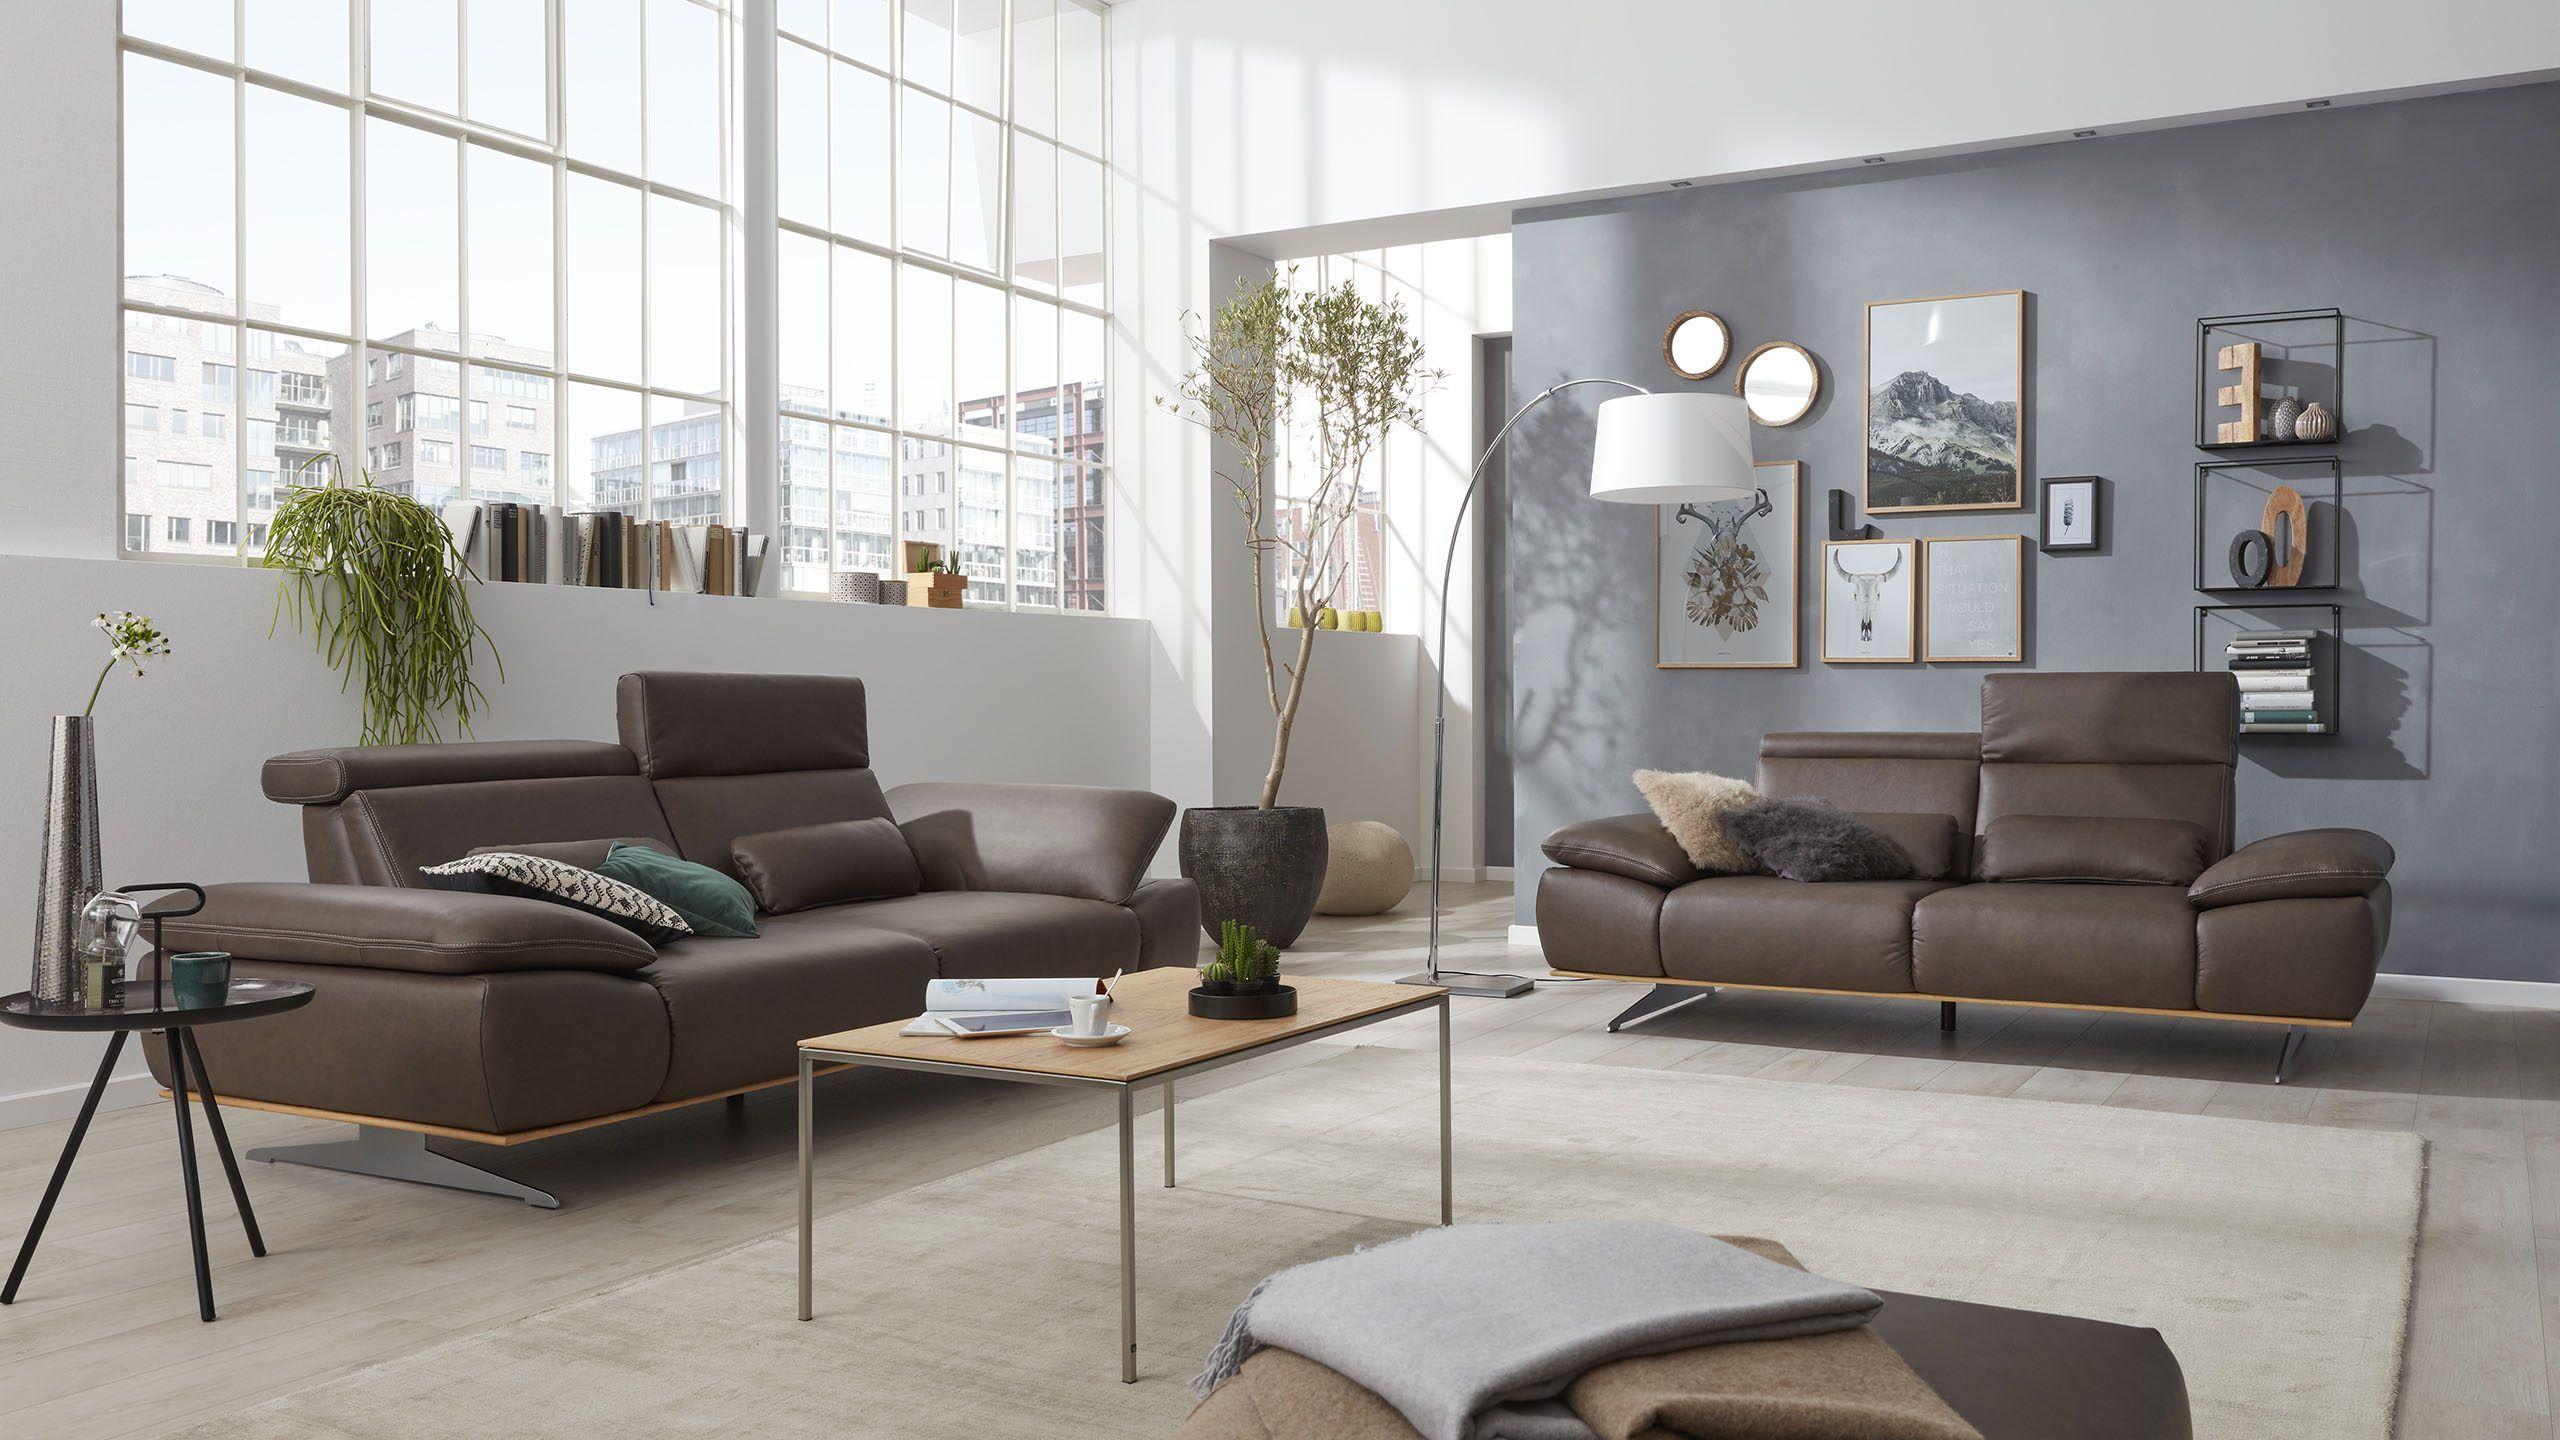 Die Interliving Sofa Serie 4350 Ist Entweder Als Edles Einzelsofa